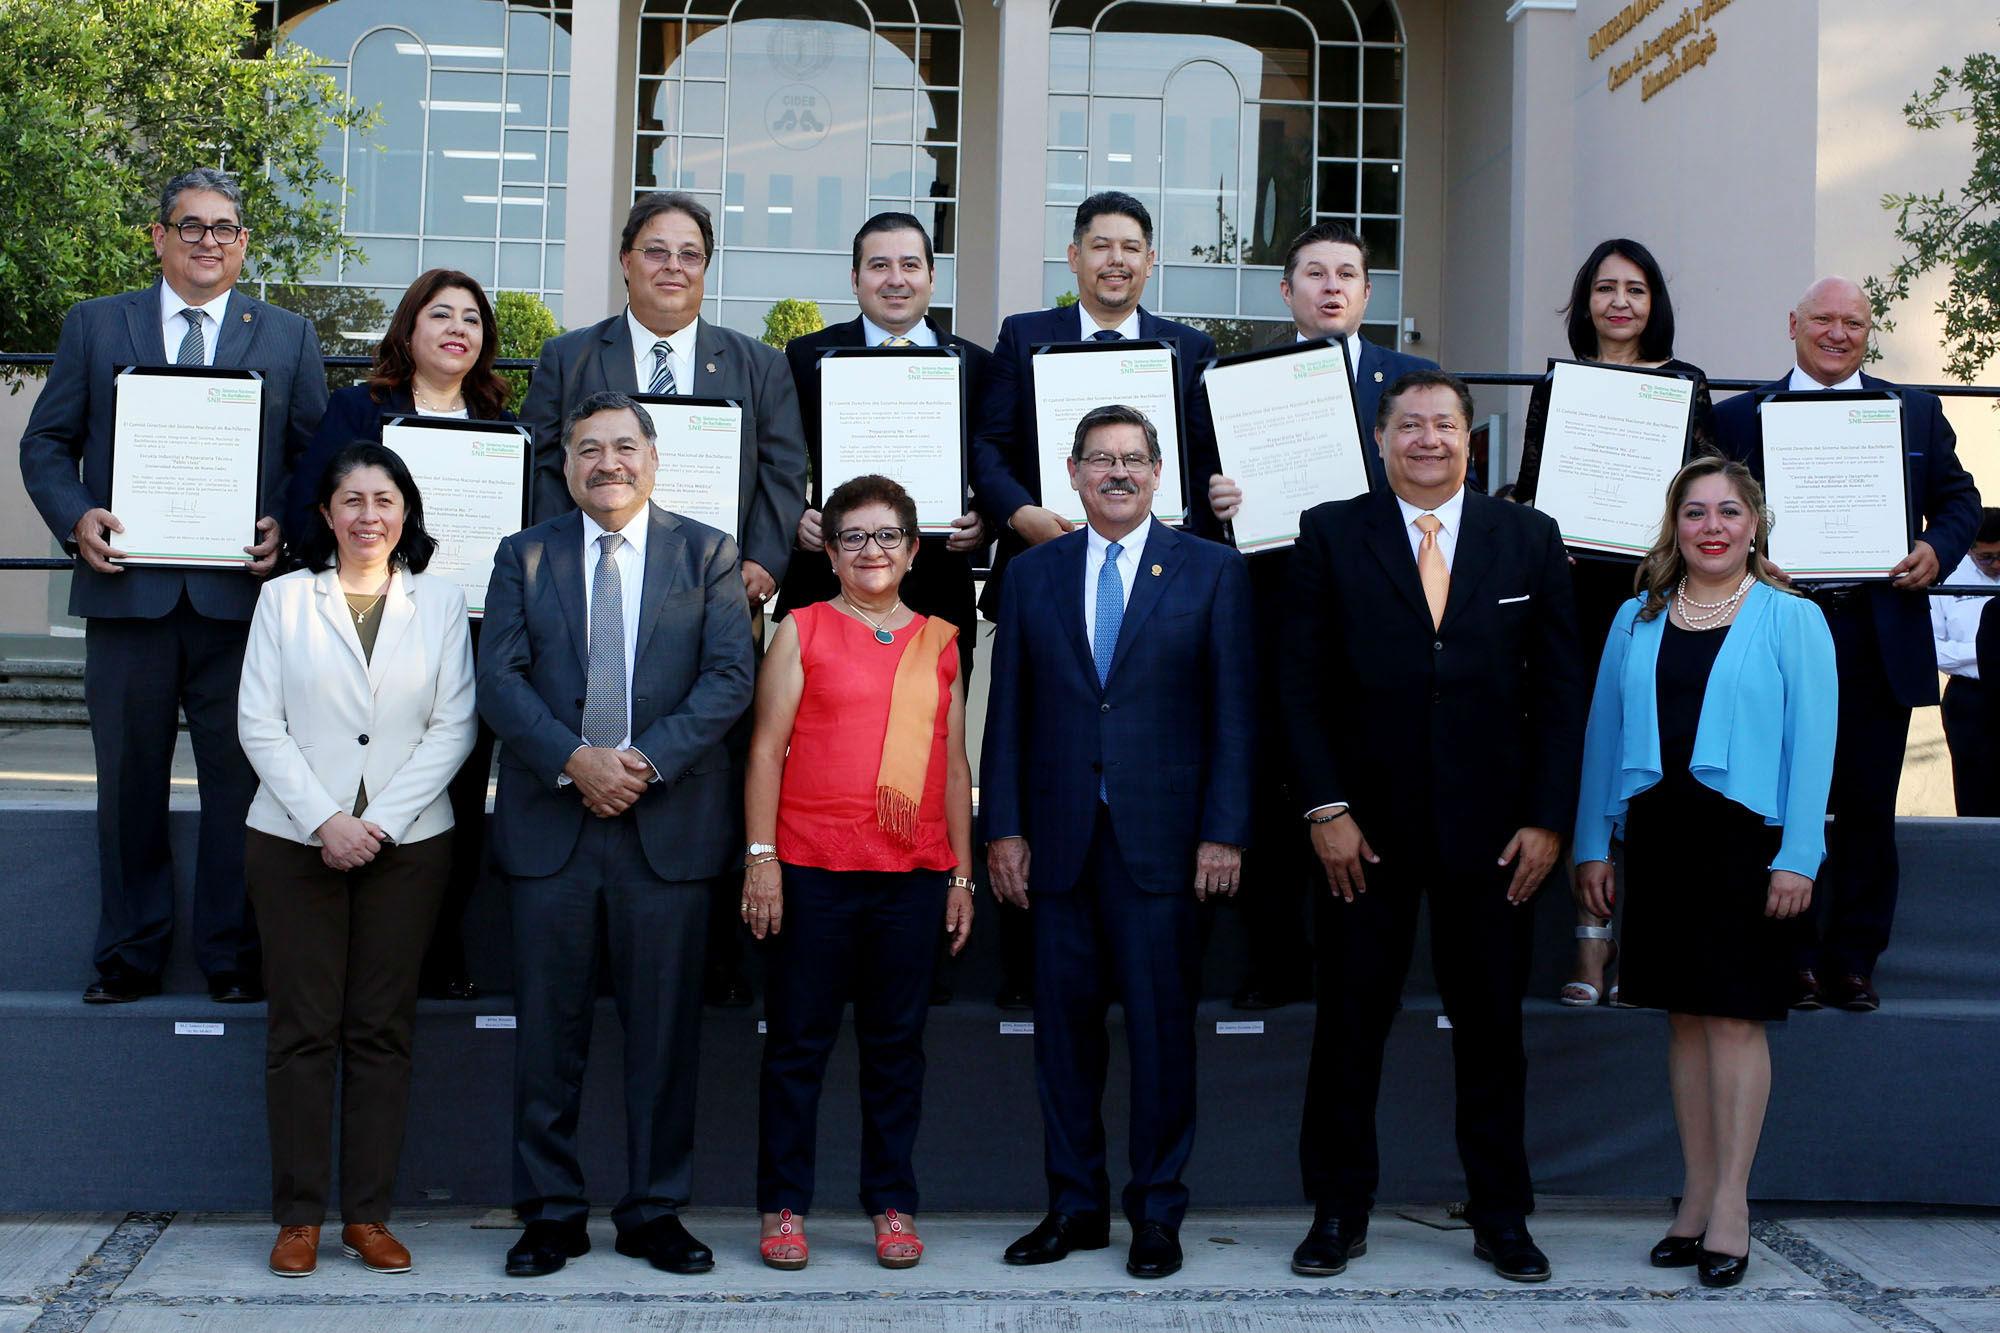 Fotografía grupal de los reconocidos